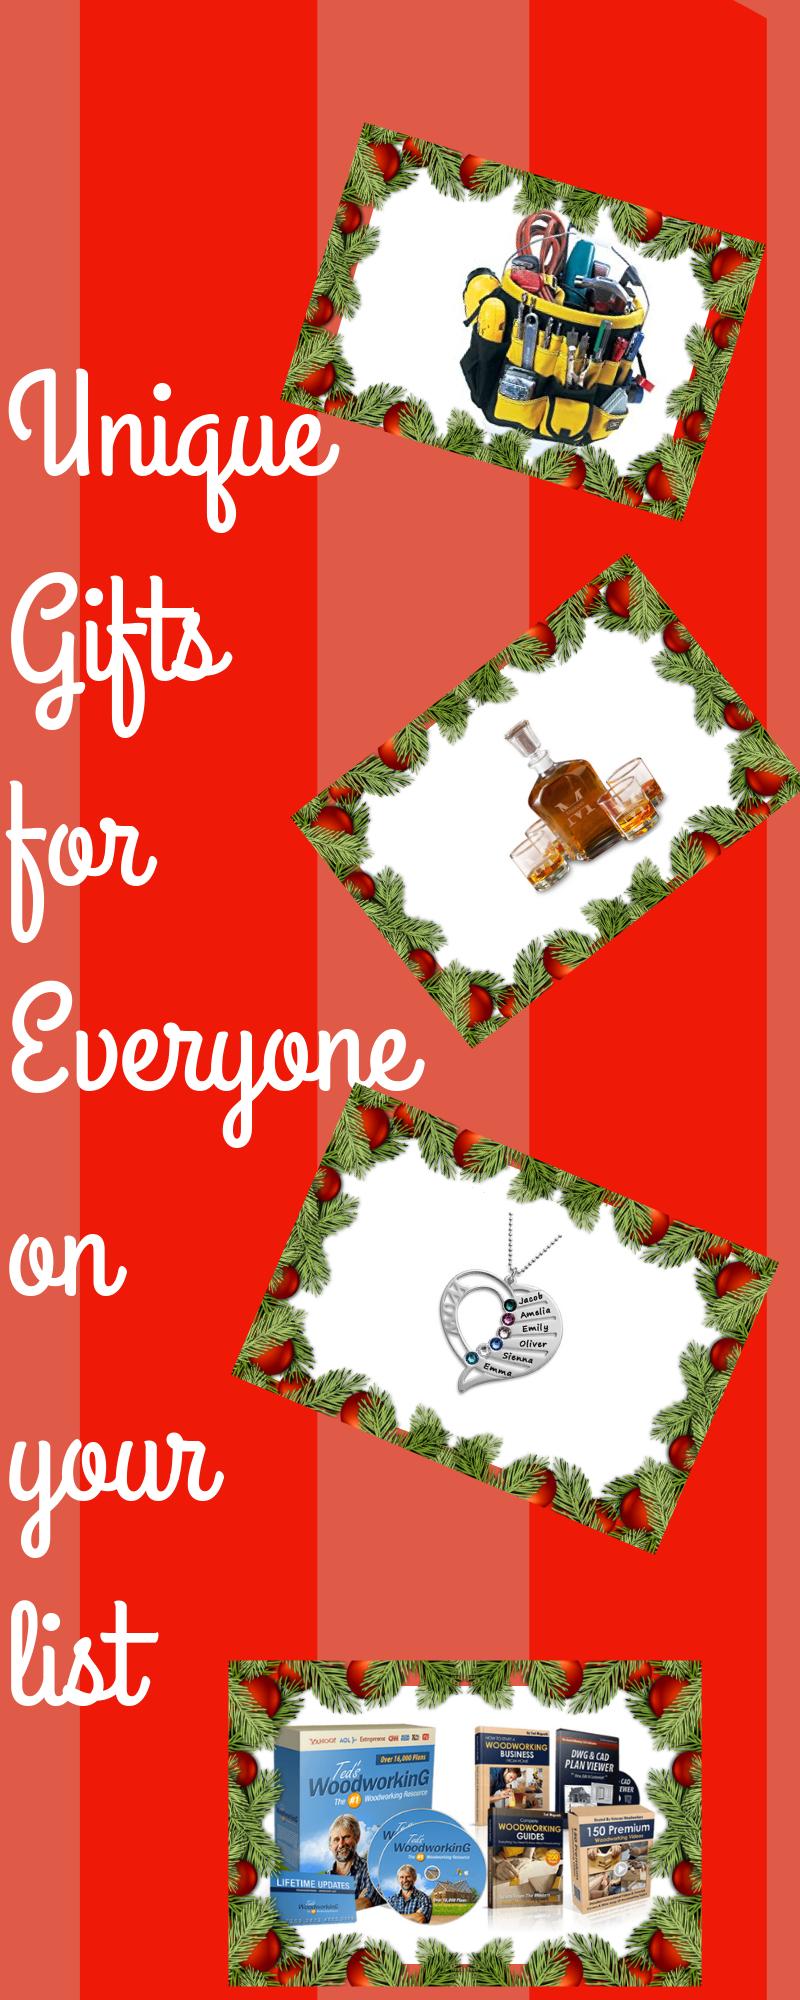 Great Gifts For Boyfriends I Love It Bestie Diy Unique Foos Boyfriend Useful Simple Husband Memorie